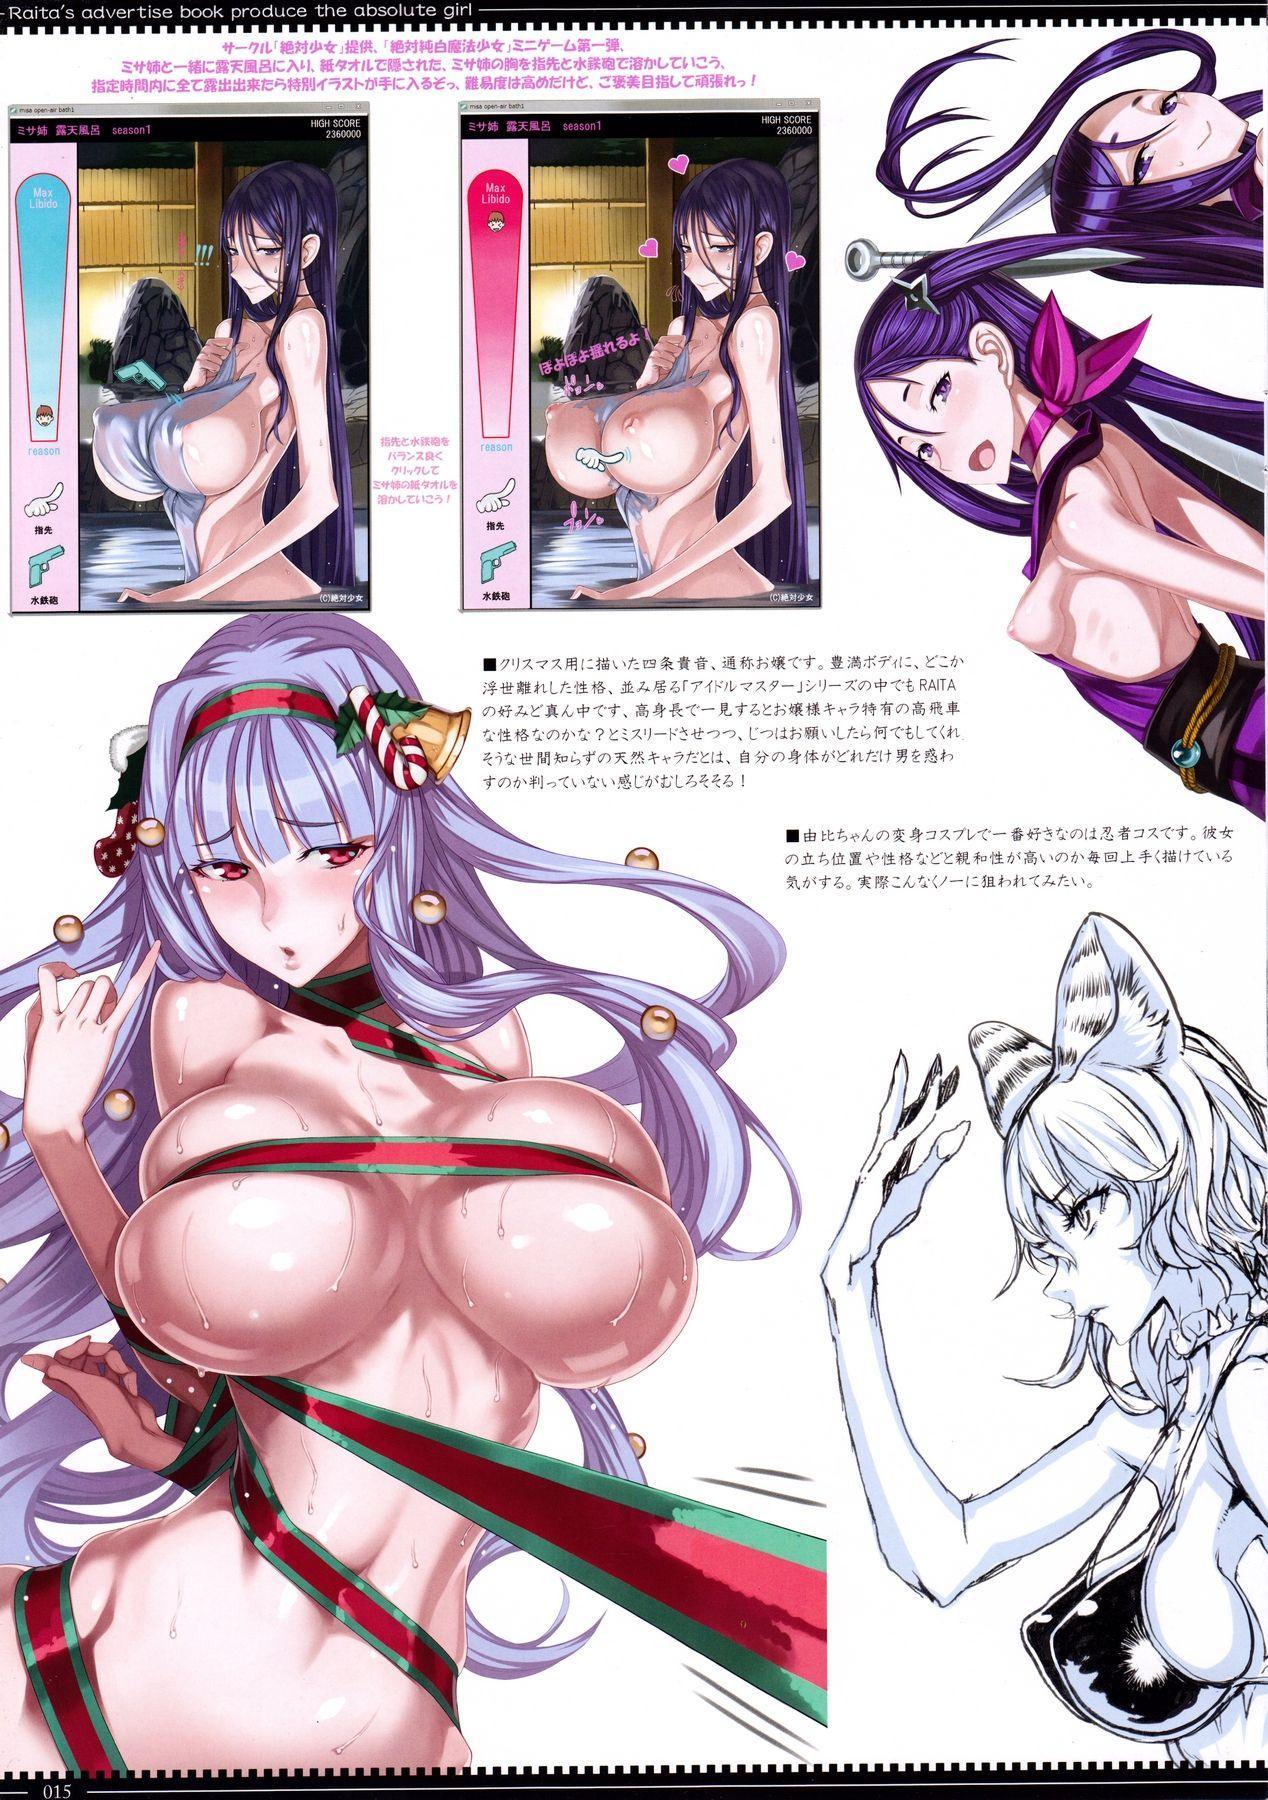 RAITA no Oppai Tsumeawase 14